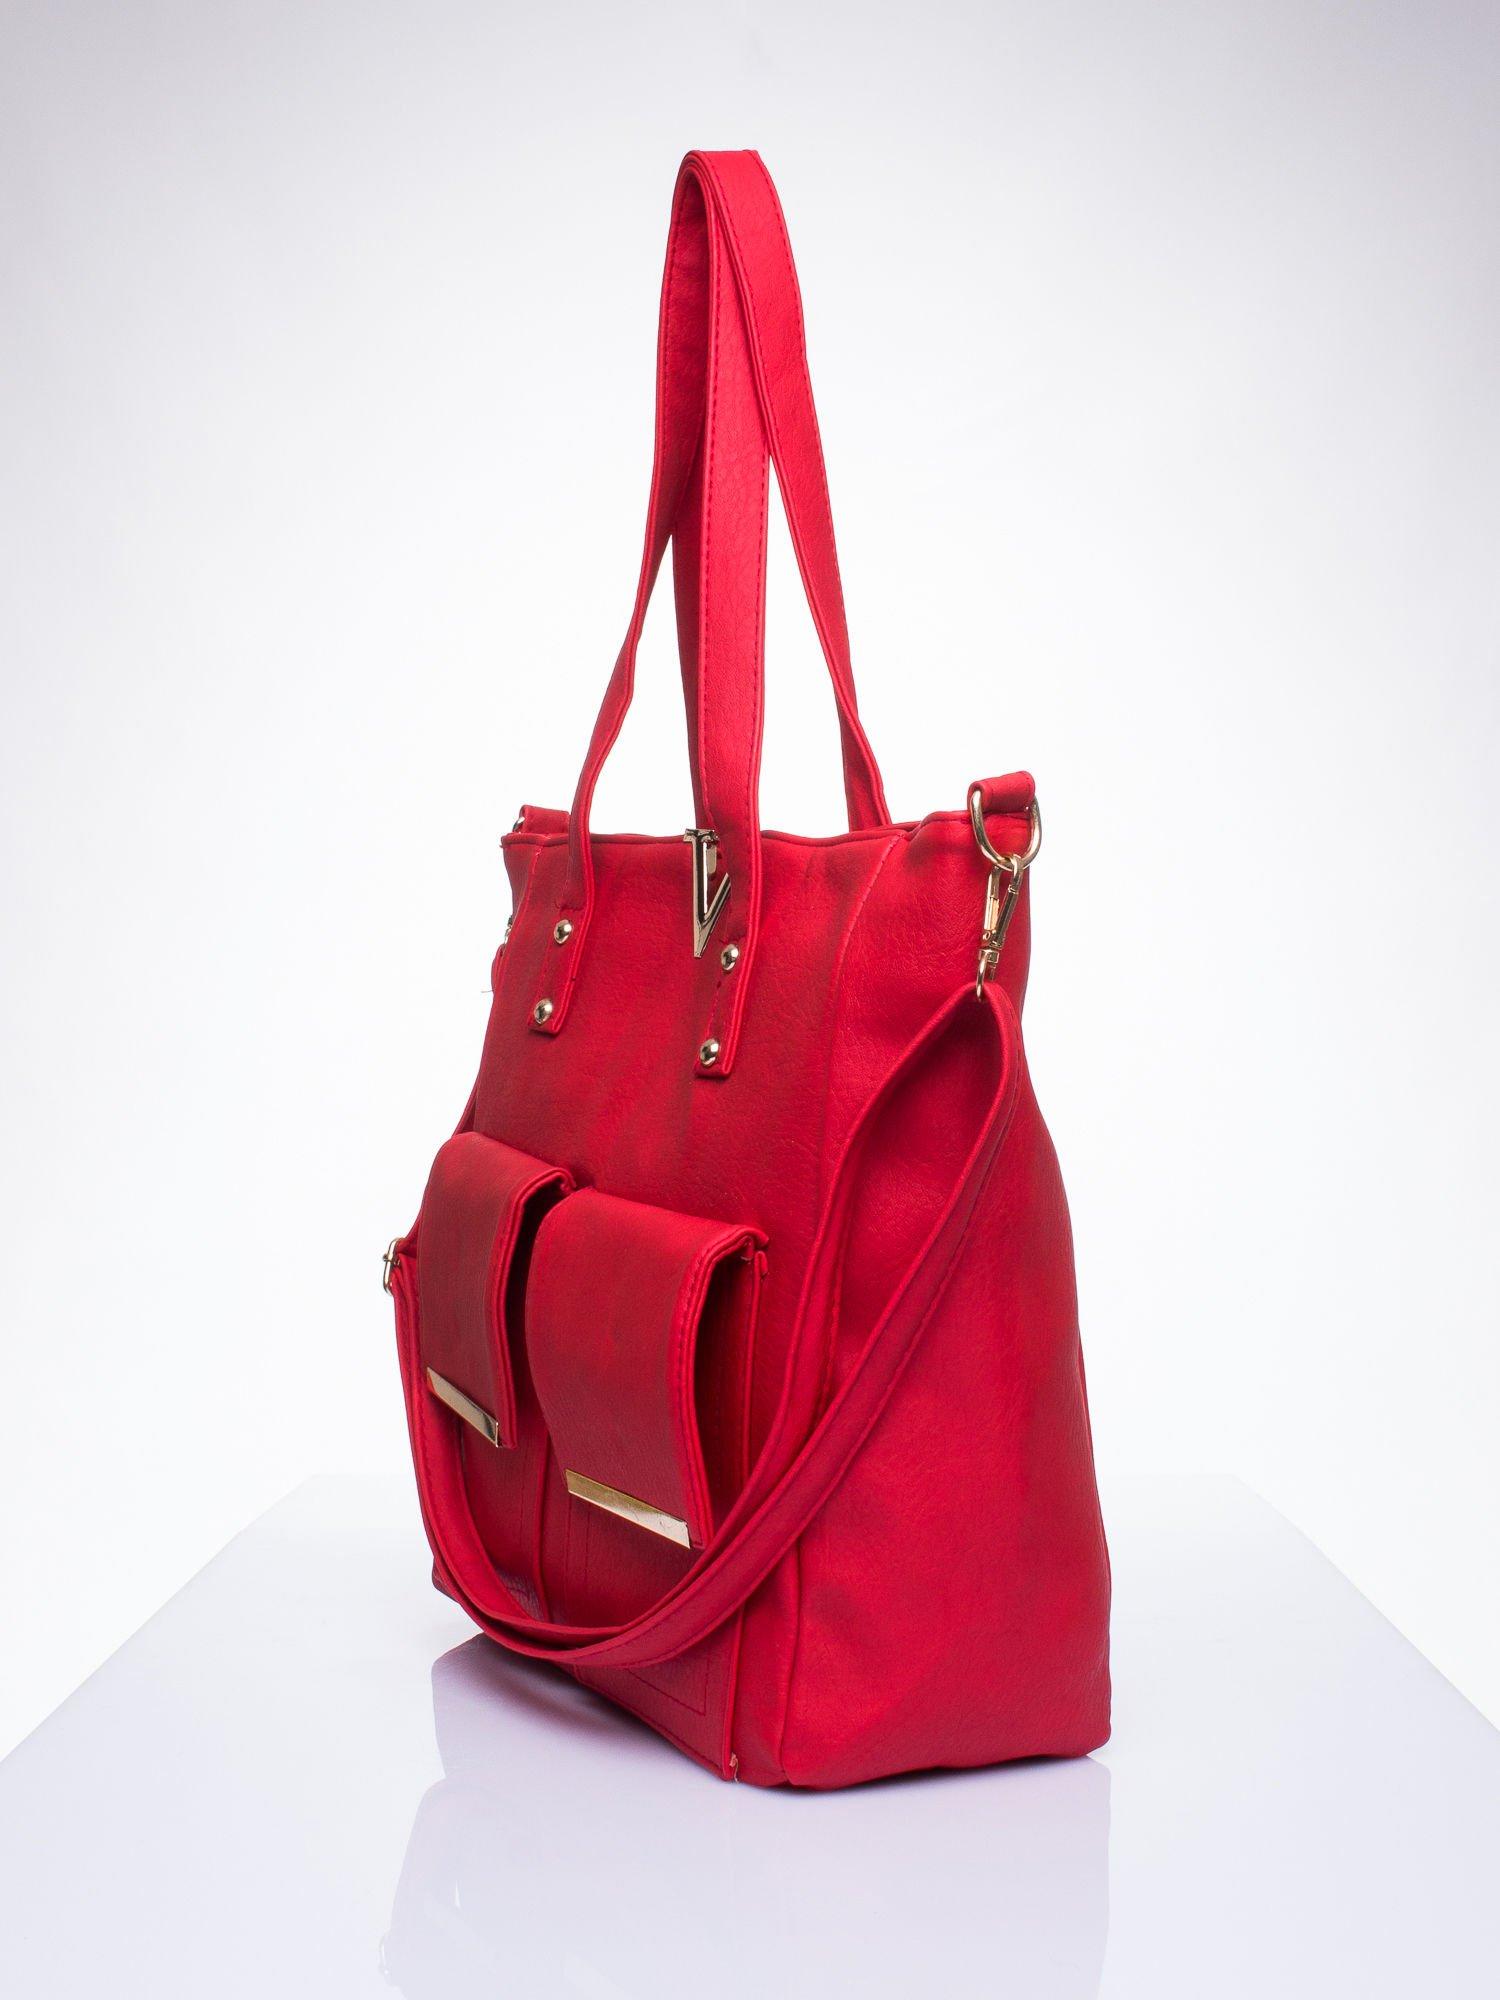 Czerwona torba shopper bag ze kieszeniami na klapki                                  zdj.                                  2